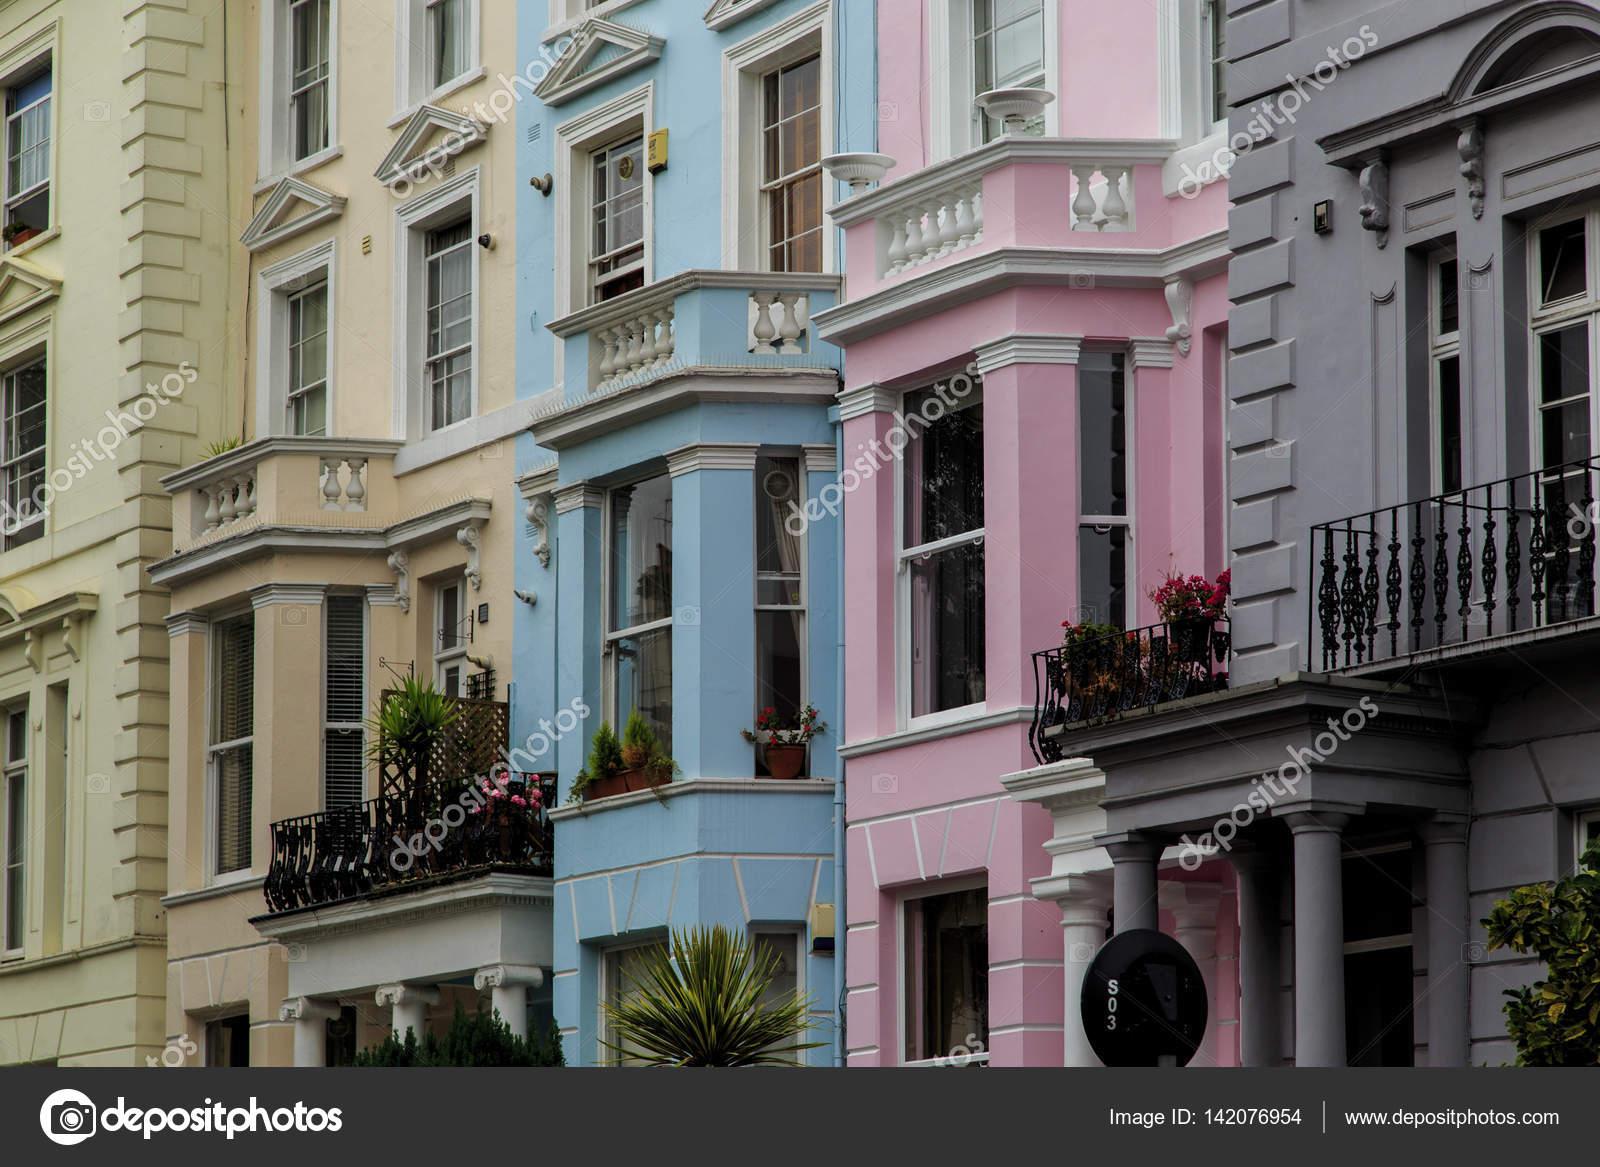 Kleurplaten Van Huizen : Veelkleurige huizen in notting hill londen u redactionele